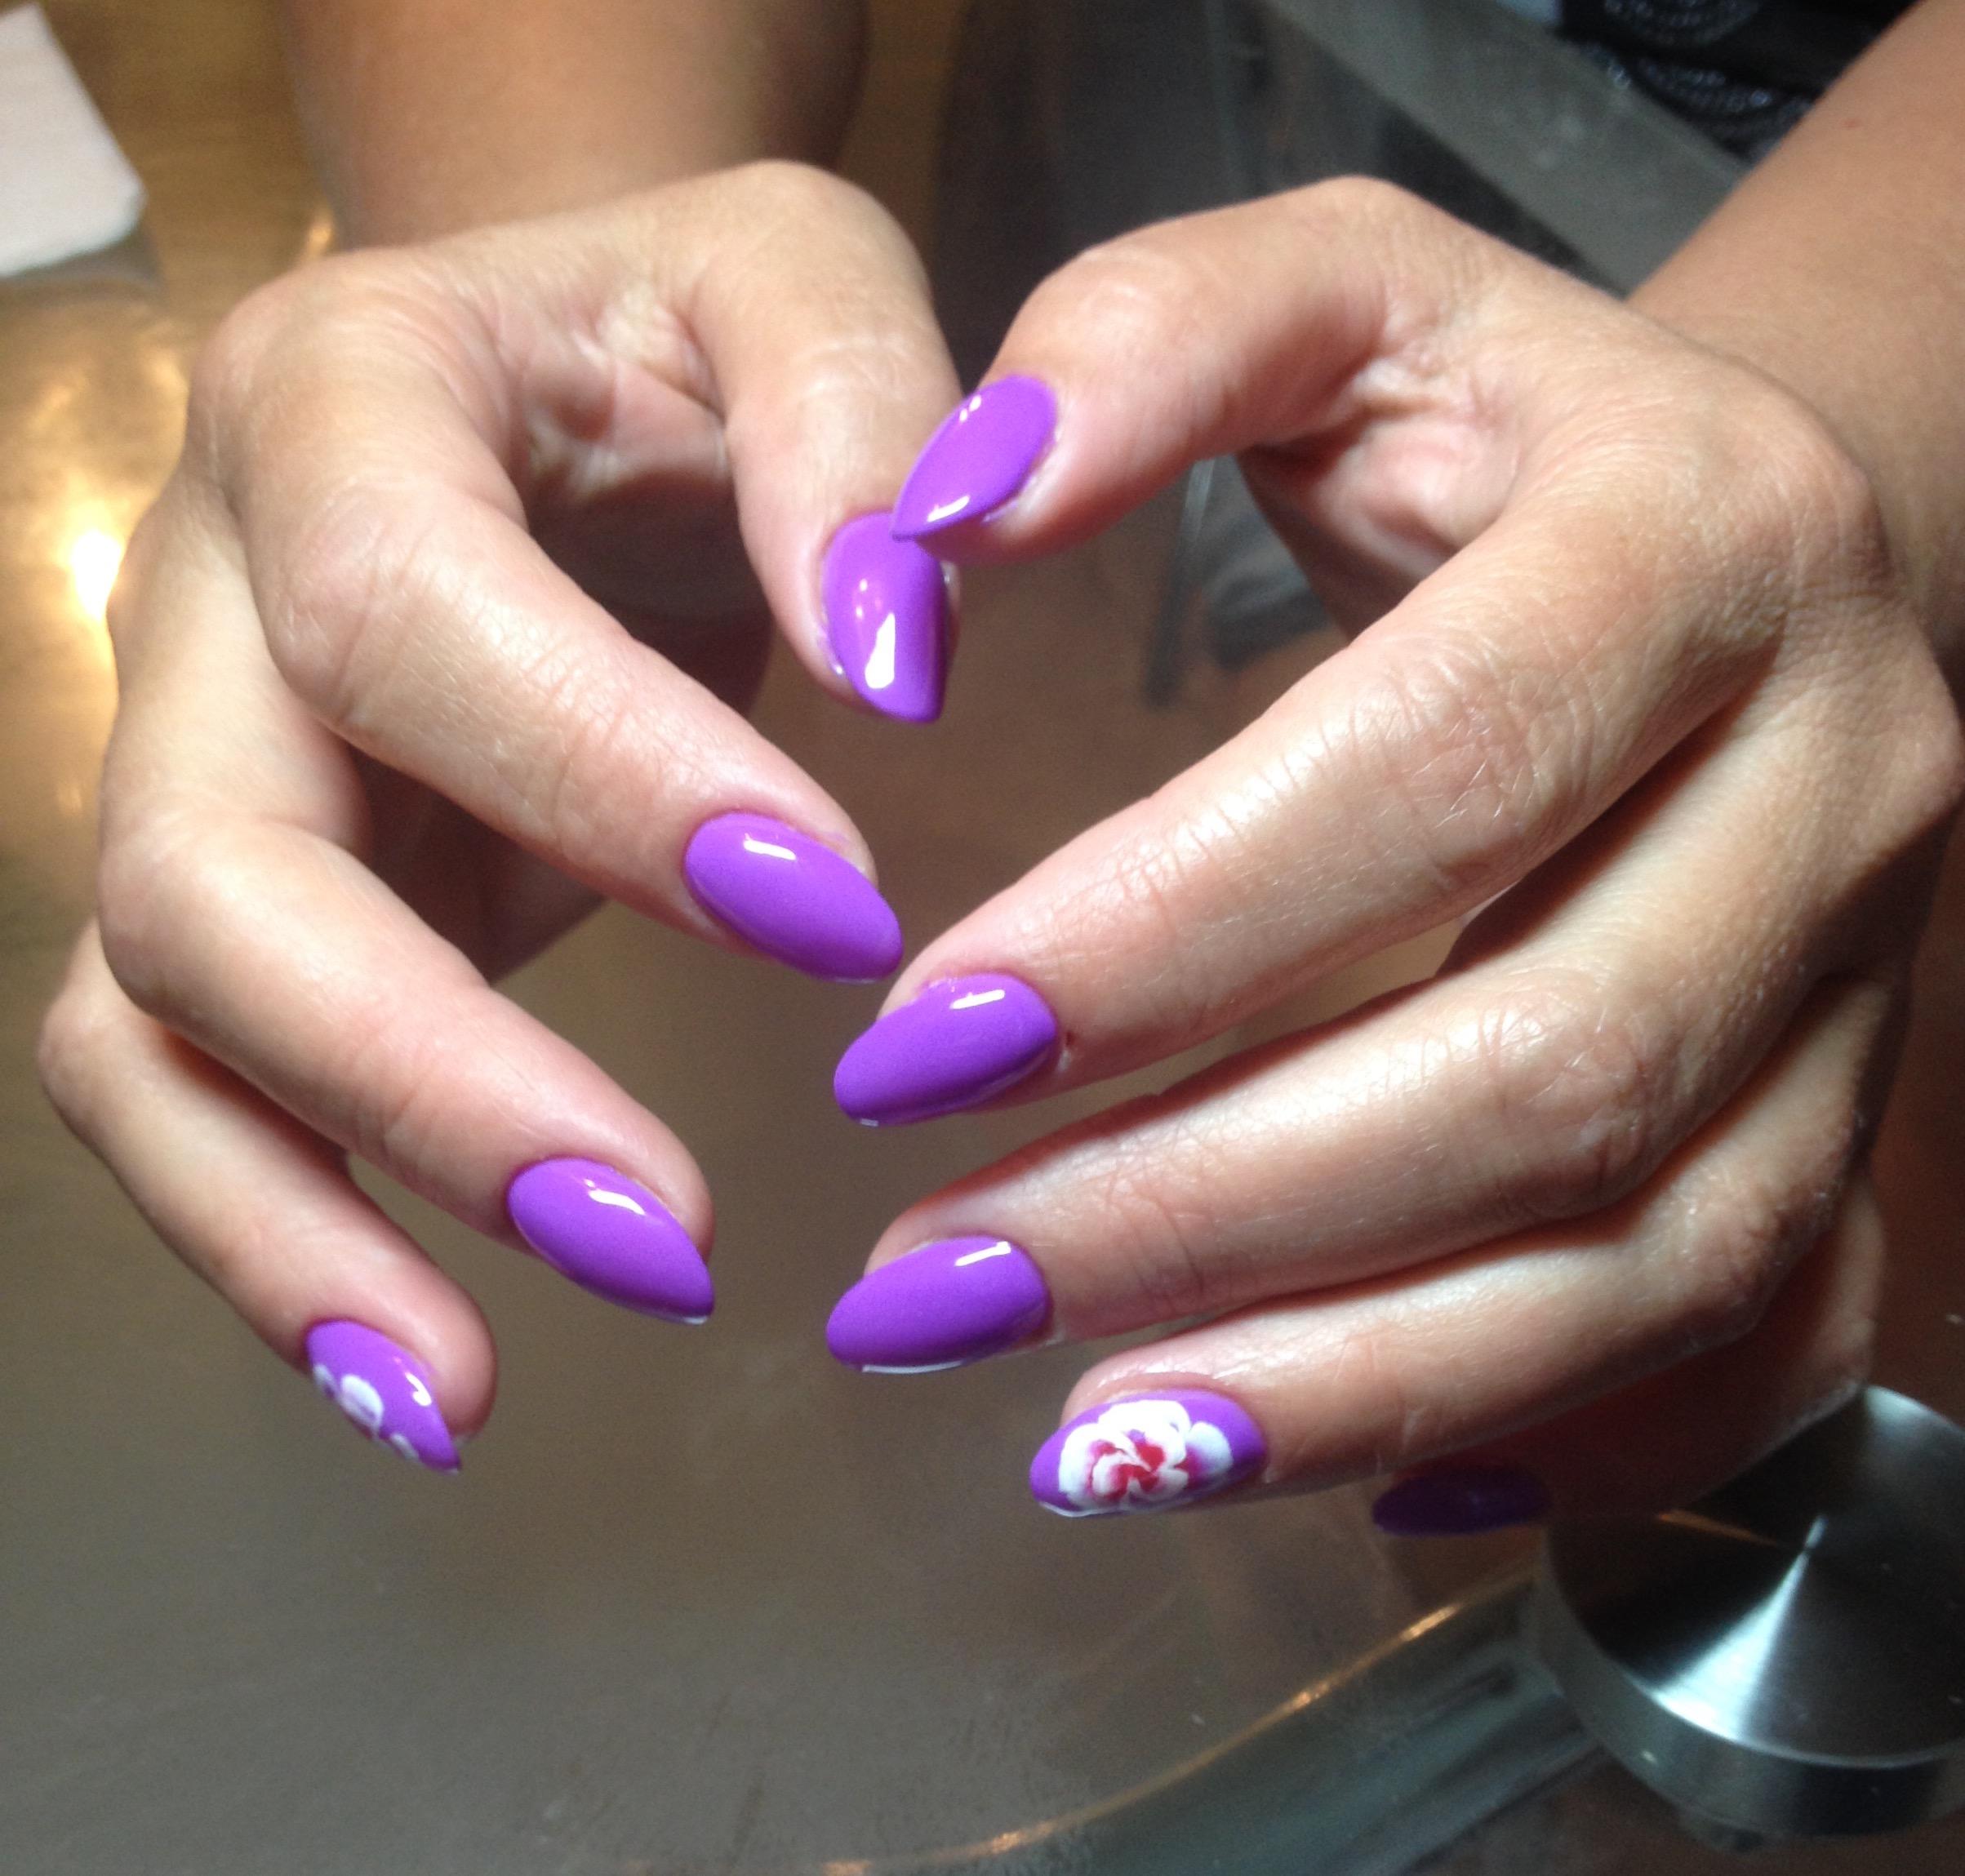 Маникюр в фиолетовом цвете с цветочными слайдерами.